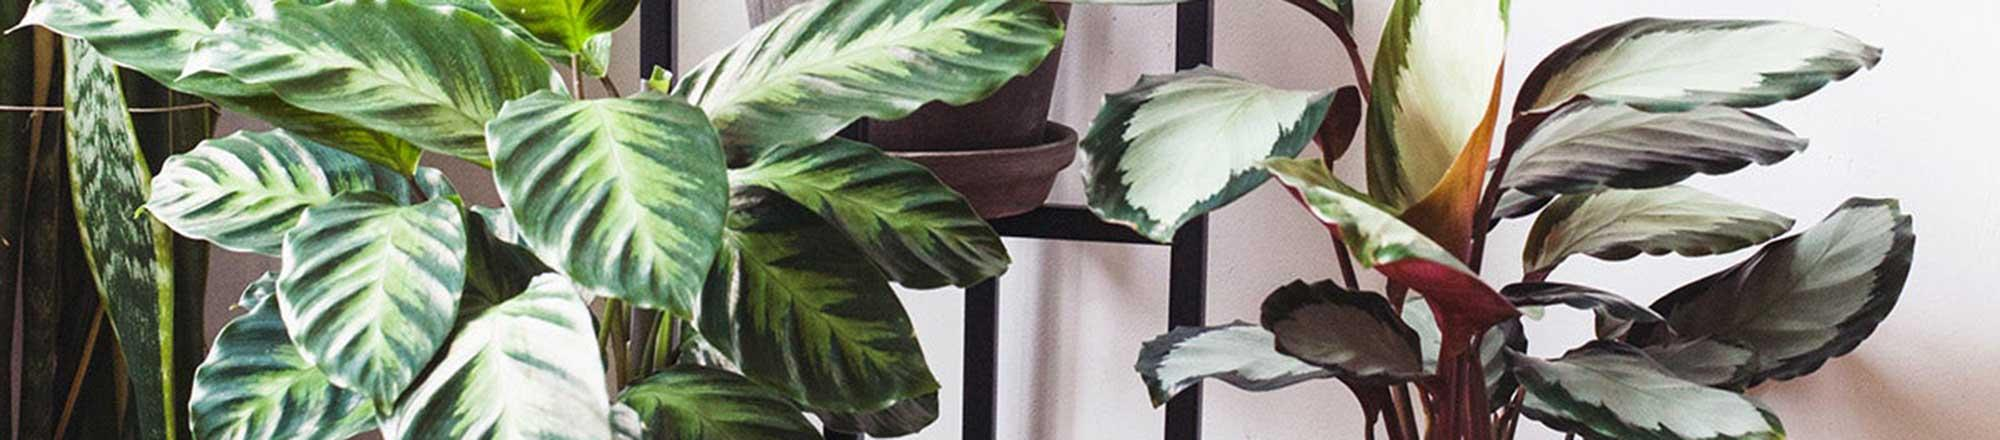 Waar moet je op letten als je een nieuwe plant koopt?